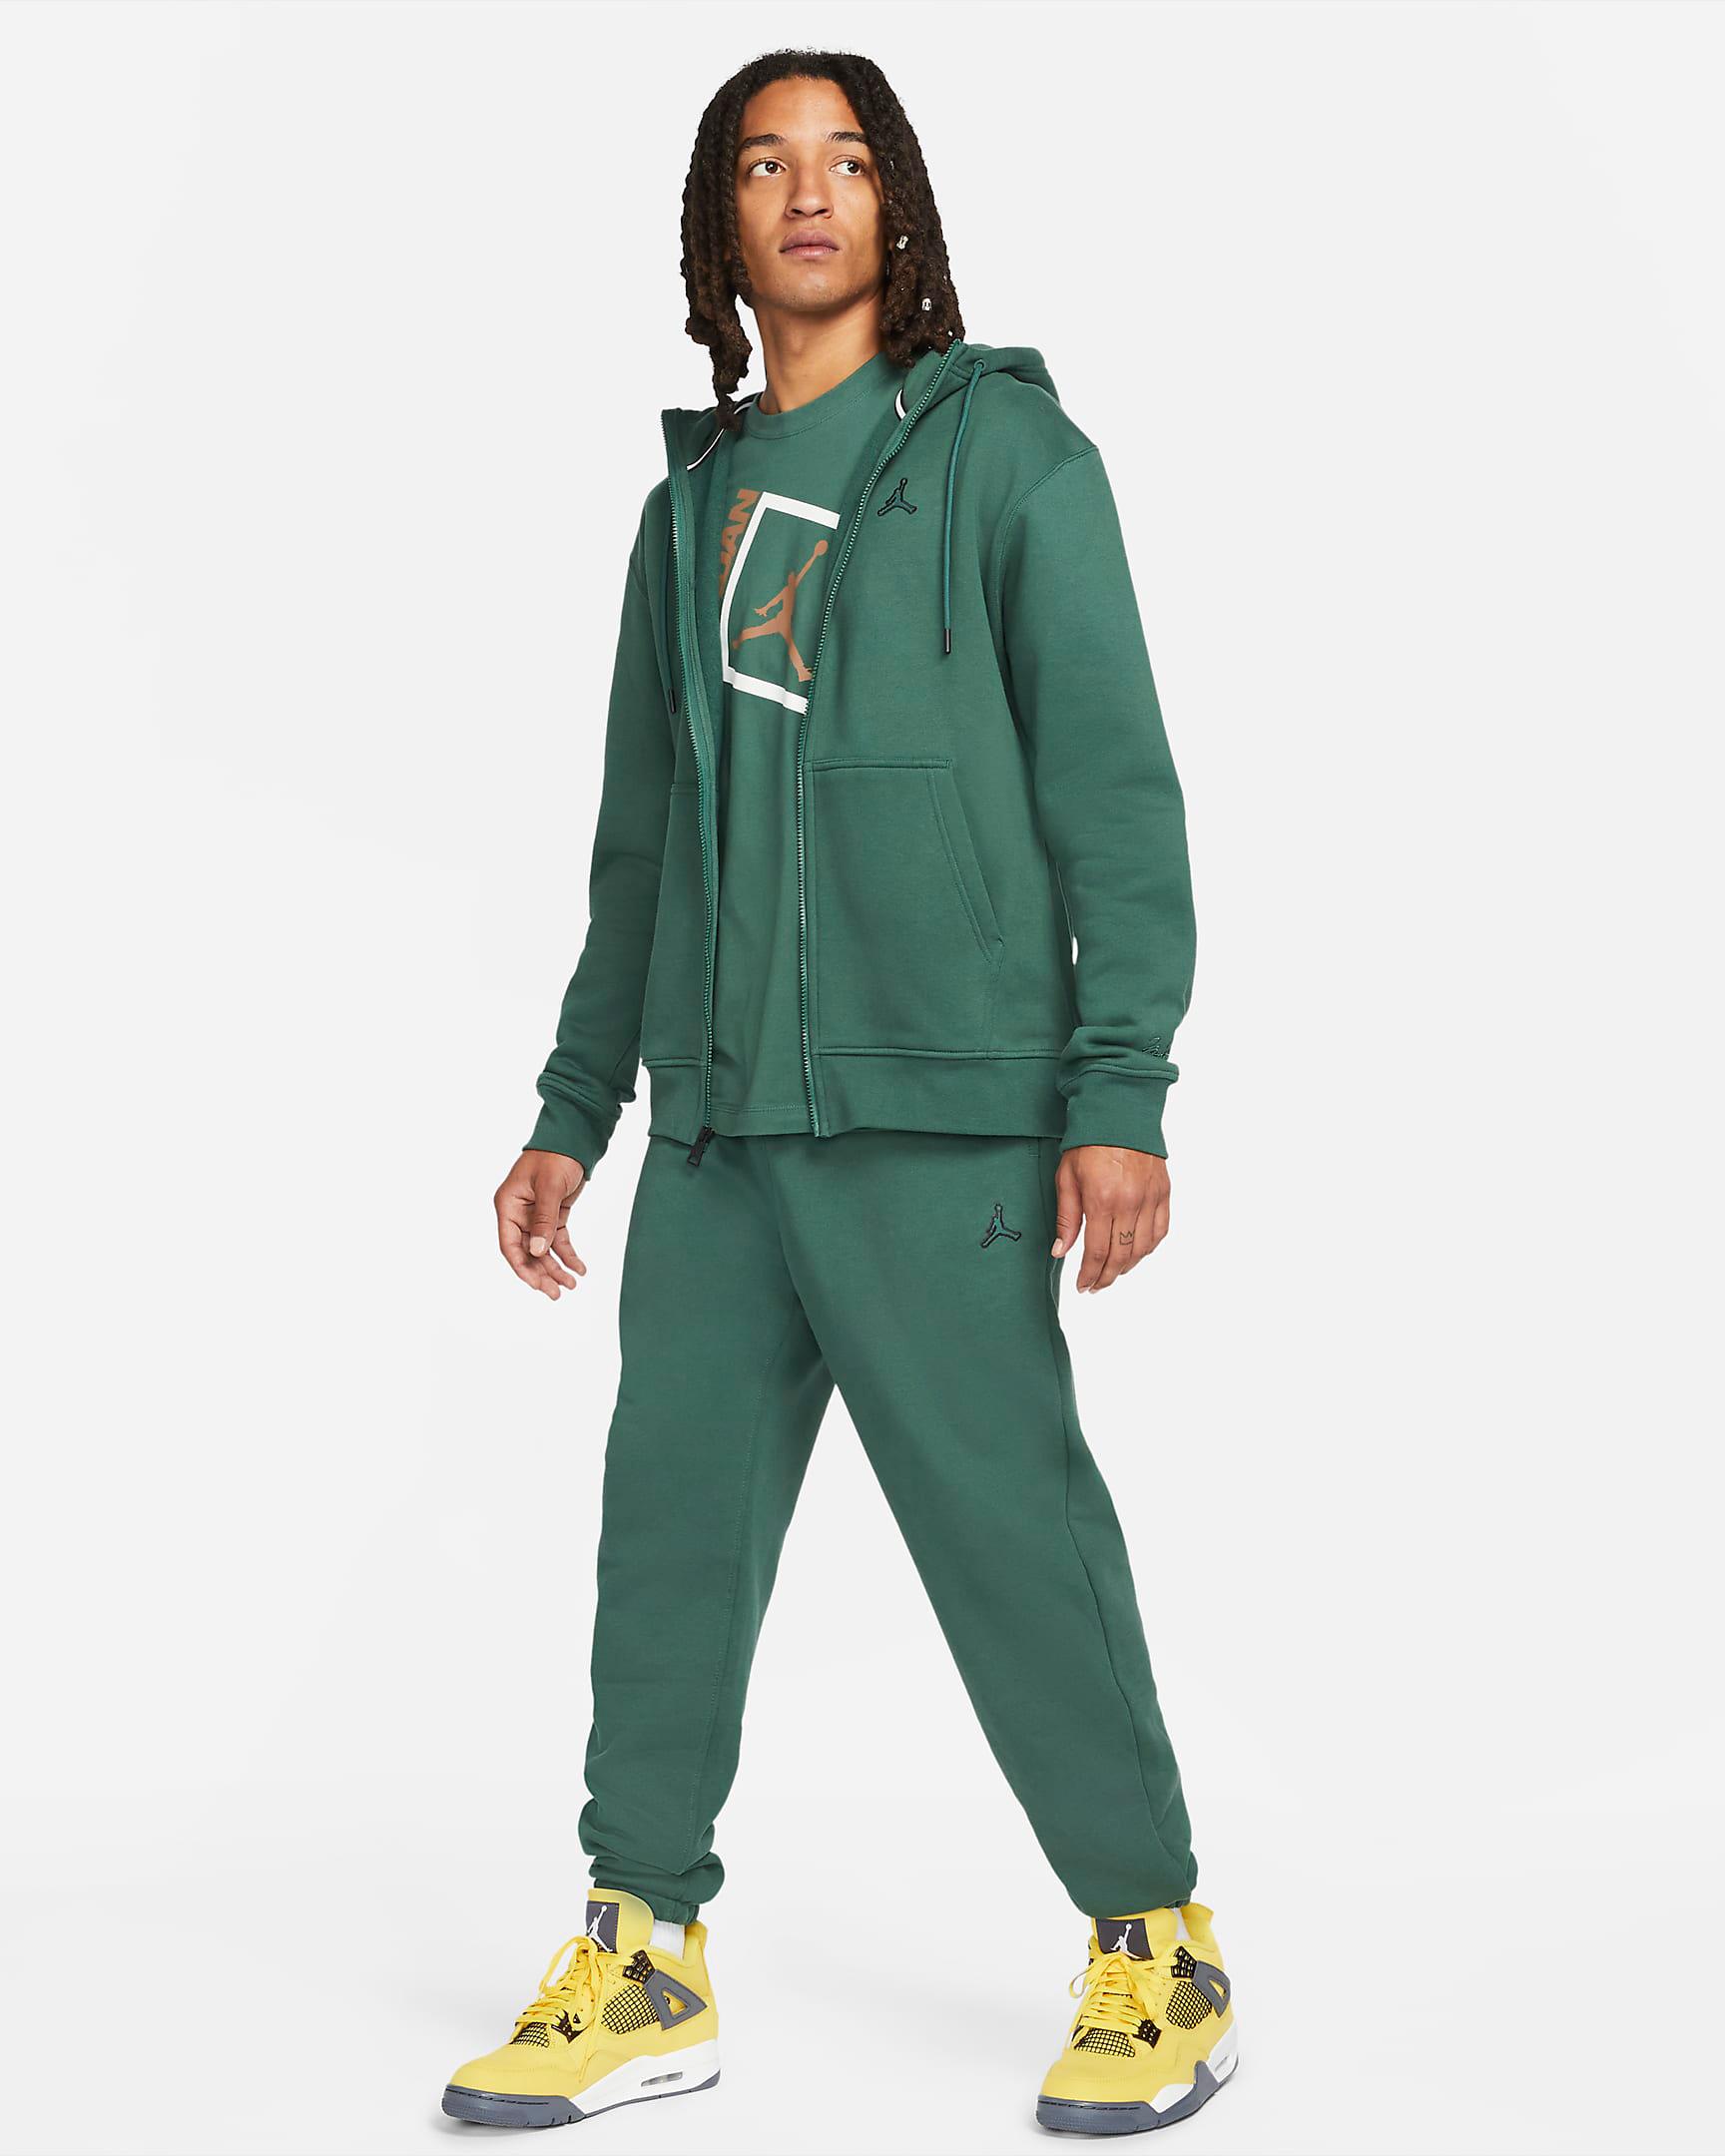 jordan-noble-green-statement-hoodie-pants-outfit